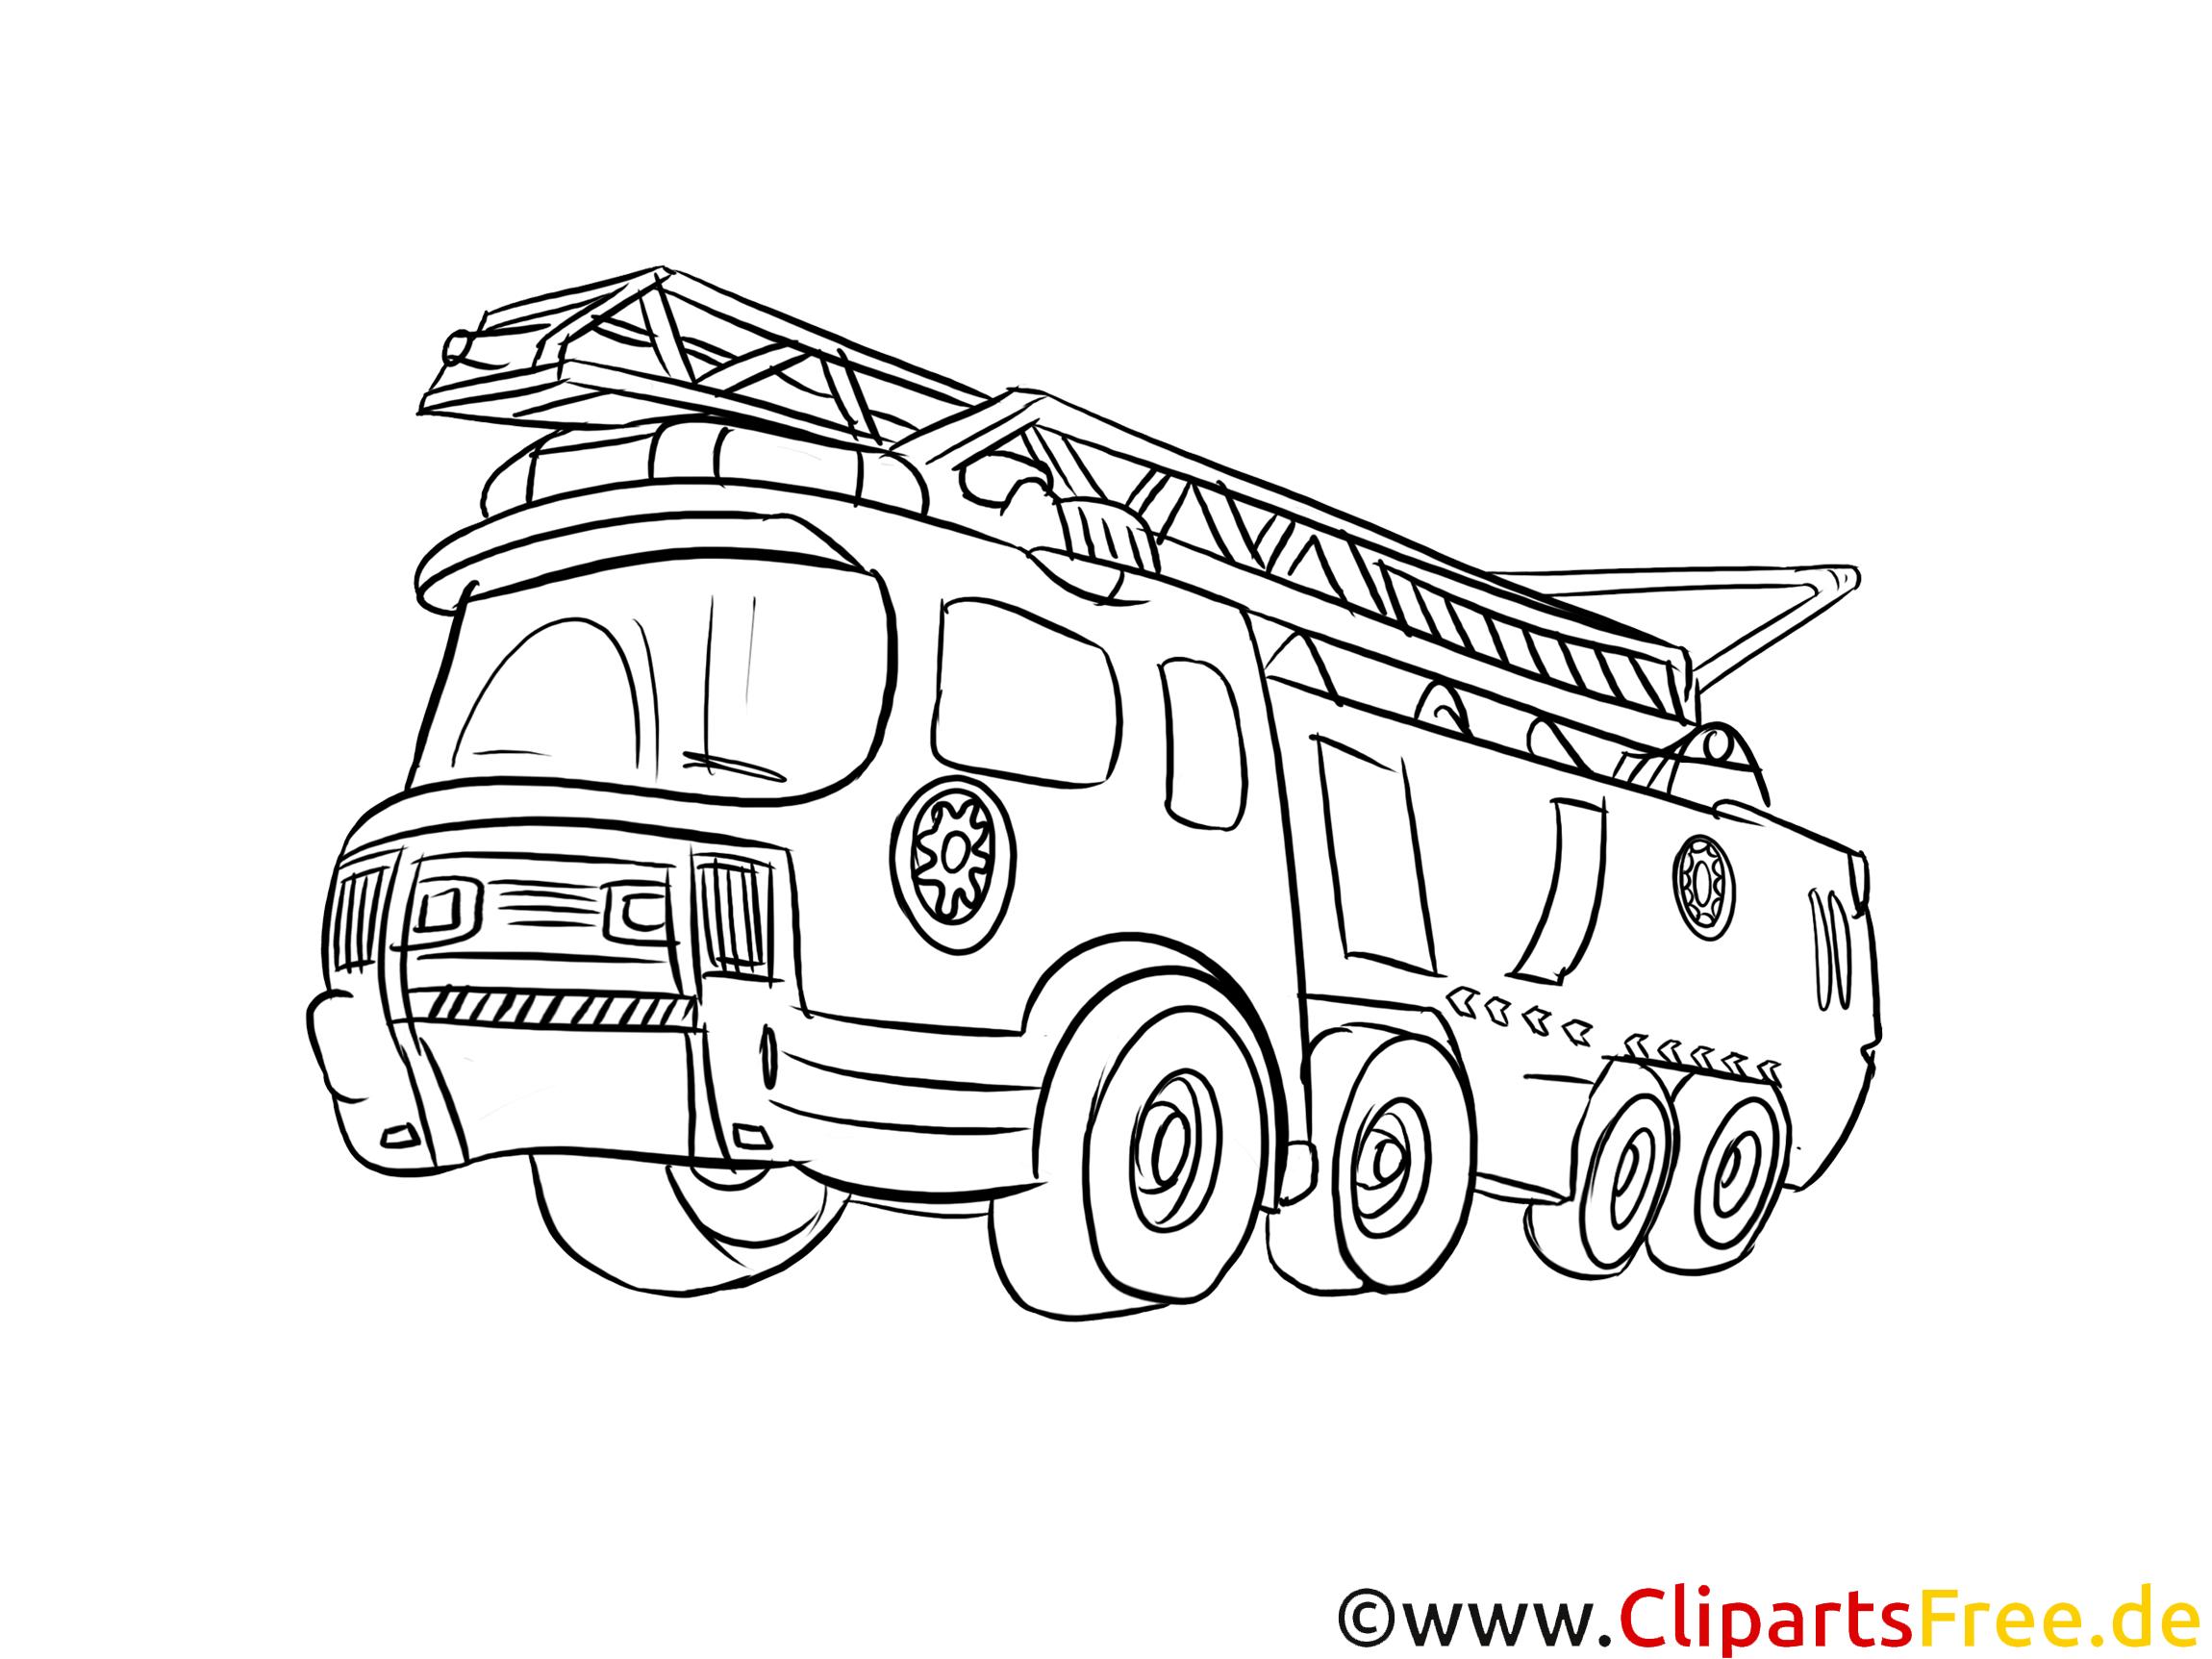 Feuerwehrauto Ausmalbild